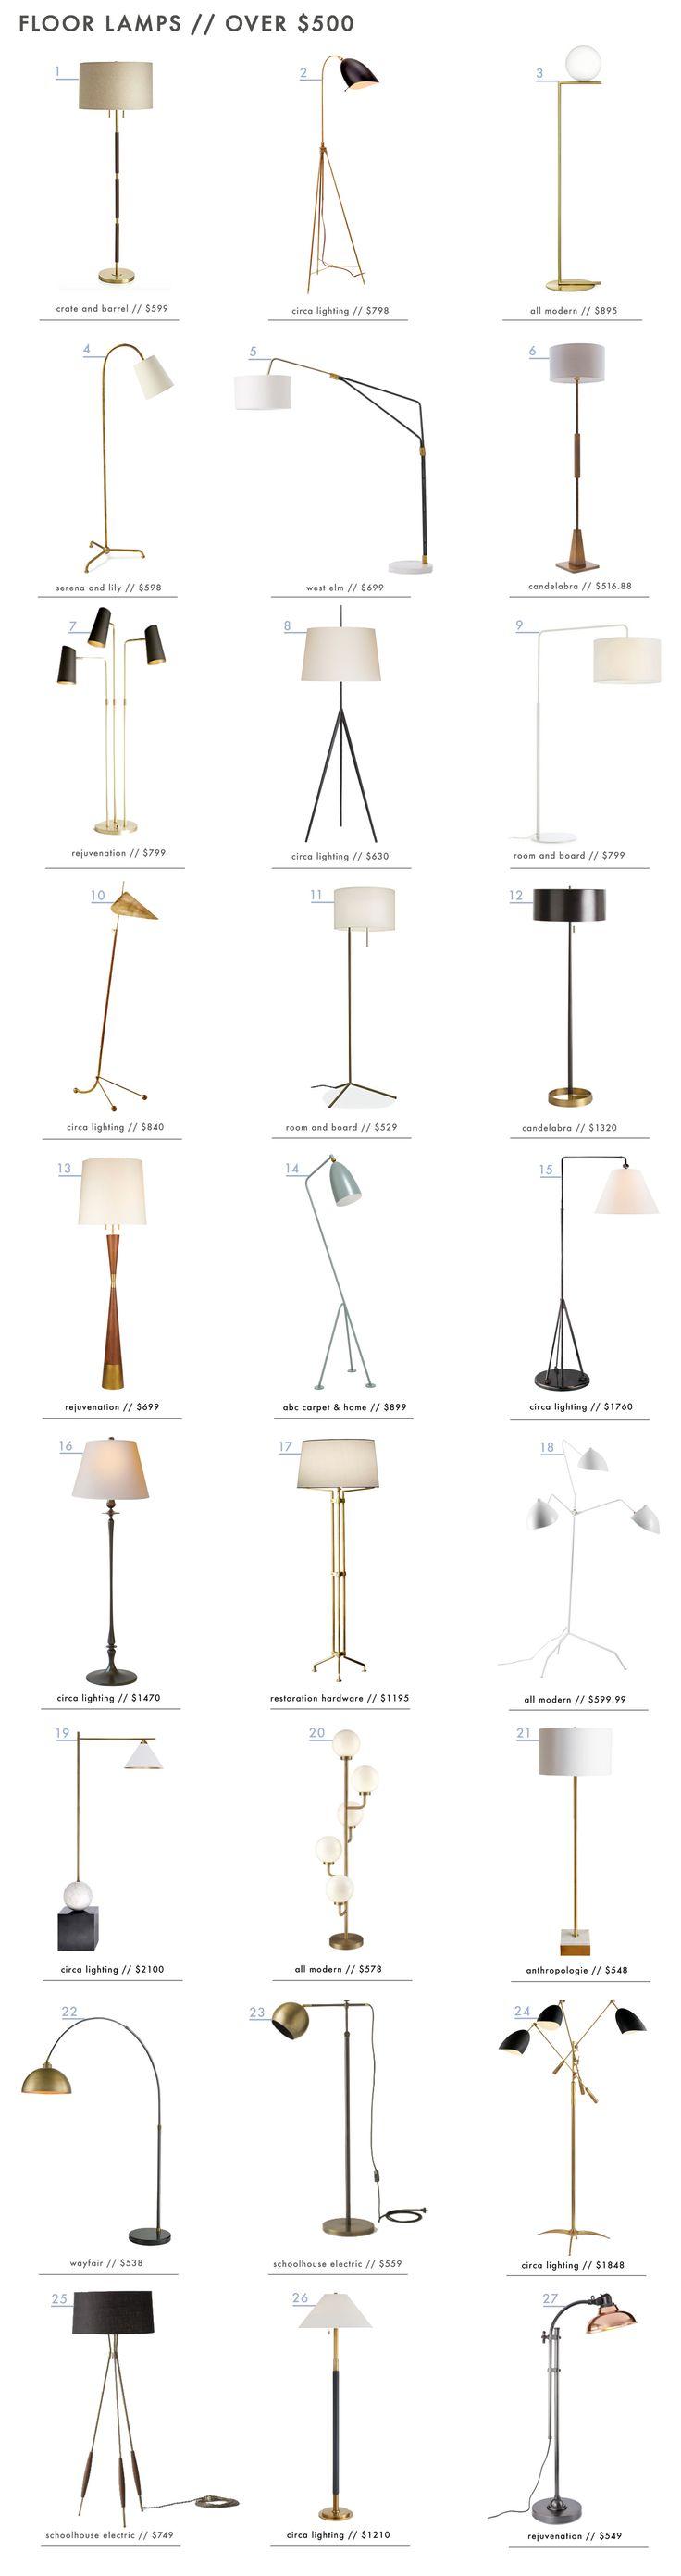 The Prettiest Floor Lamps over $500